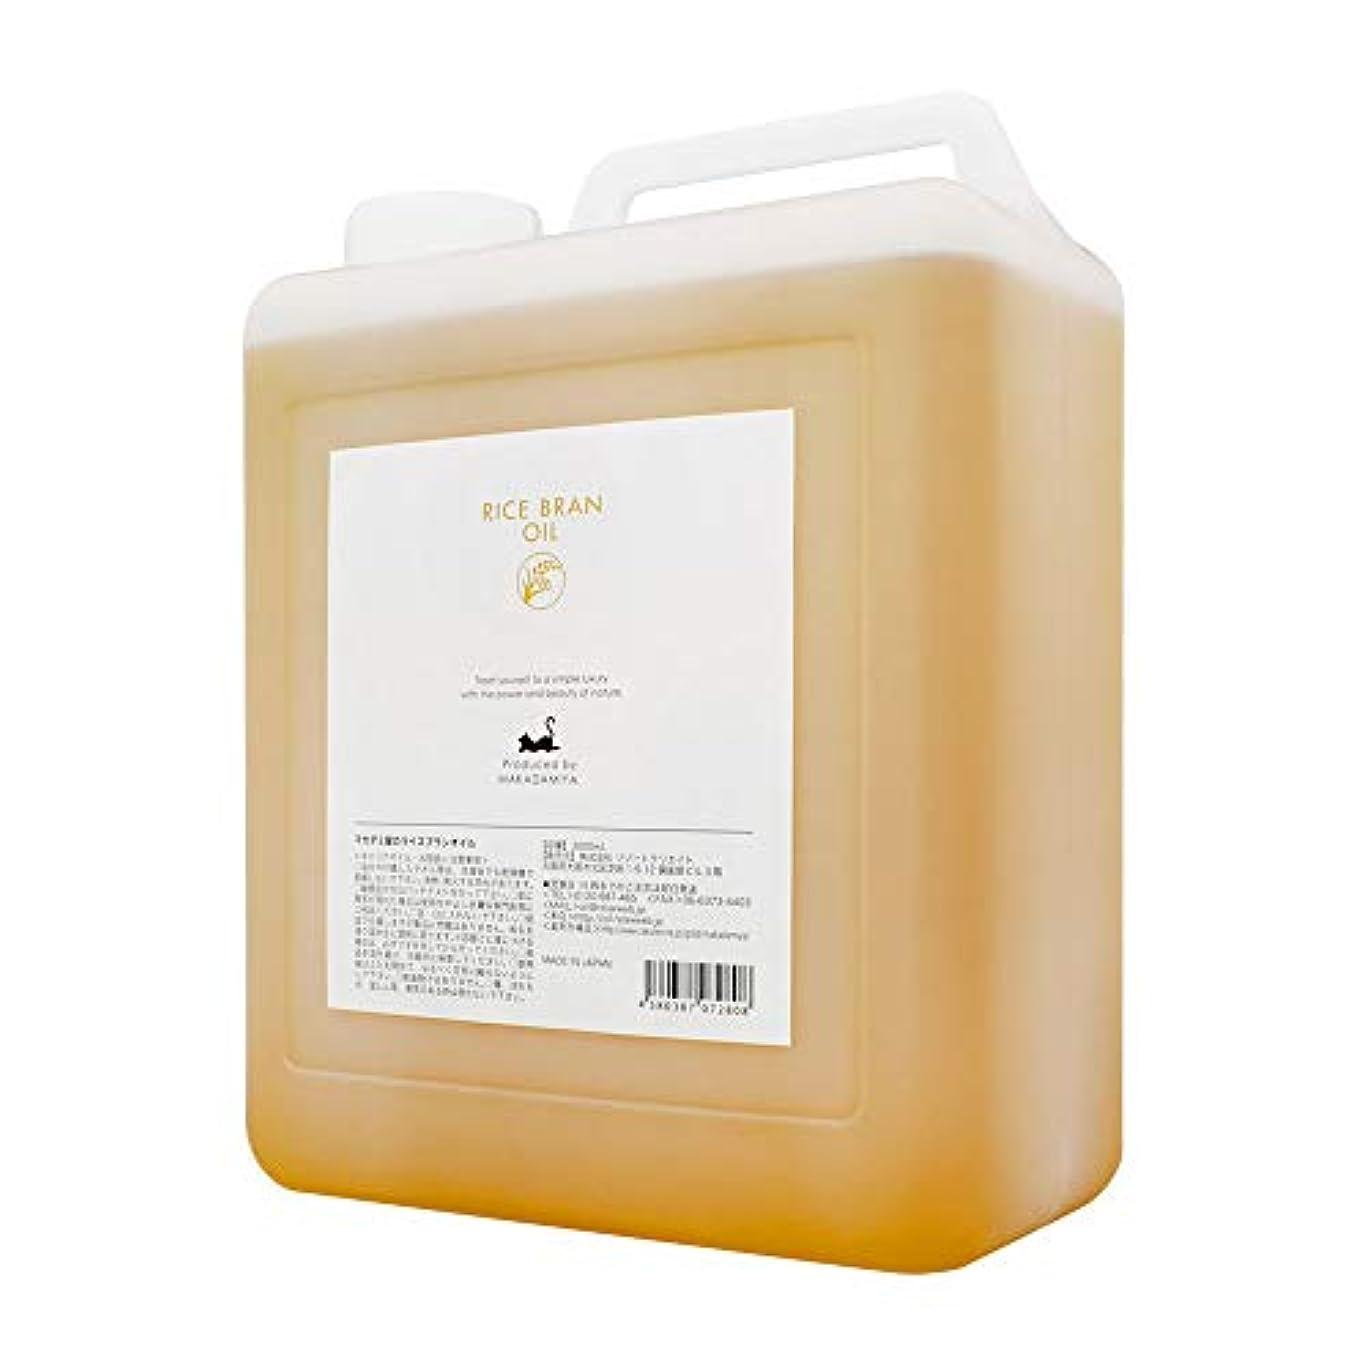 値おそらく確率ライスブランオイル3000ml (米油 米ぬか油 ライスオイル/コック付) 高級サロン仕様 マッサージオイル キャリアオイル (フェイス/ボディ用) 業務用?大容量